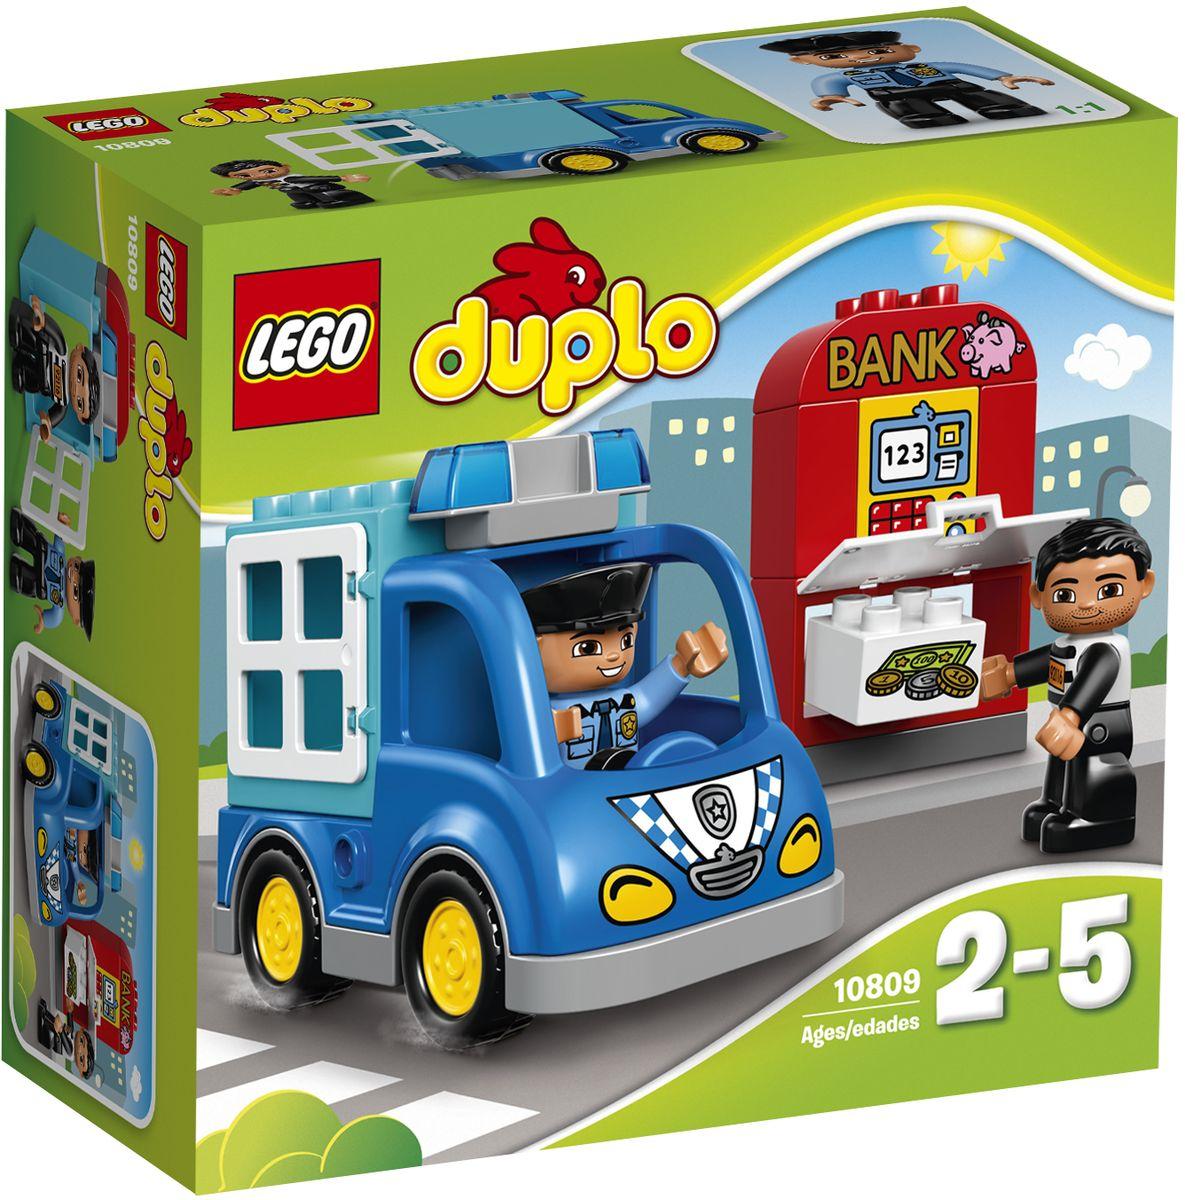 LEGO DUPLO Конструктор Полицейский патруль 10809